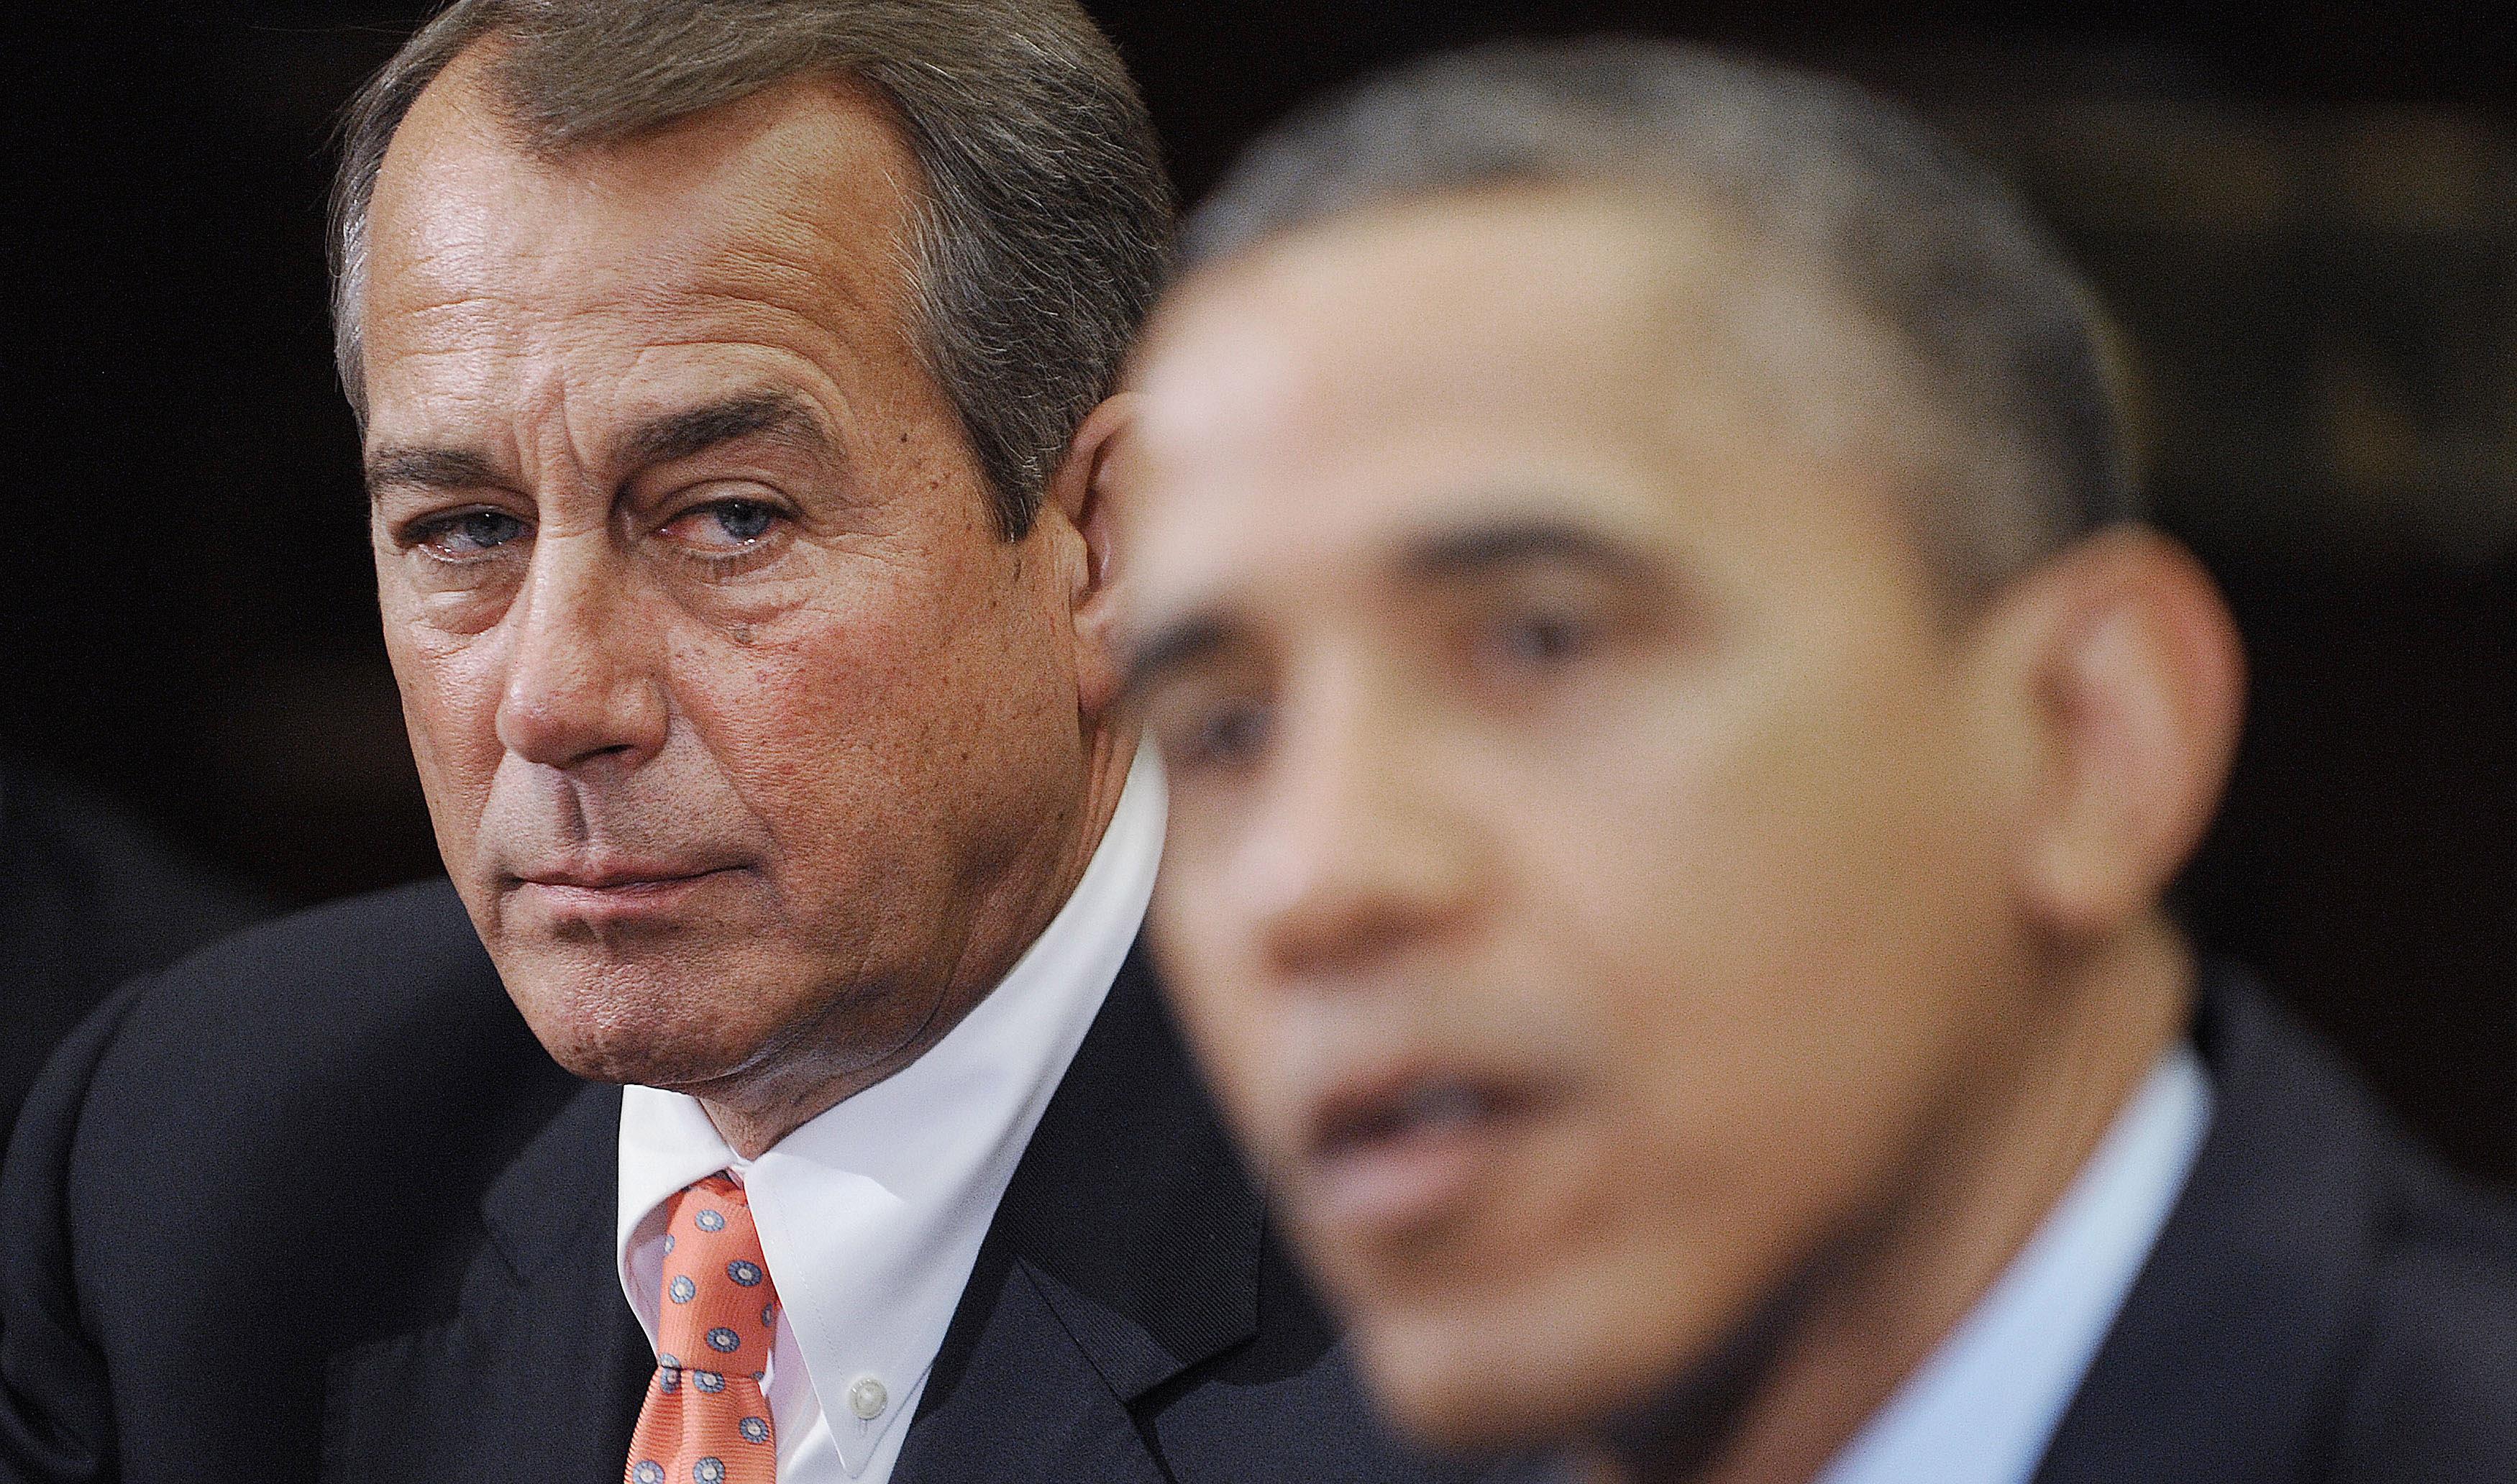 John Boehner, the Republican House Speaker, and President Barack Obama.